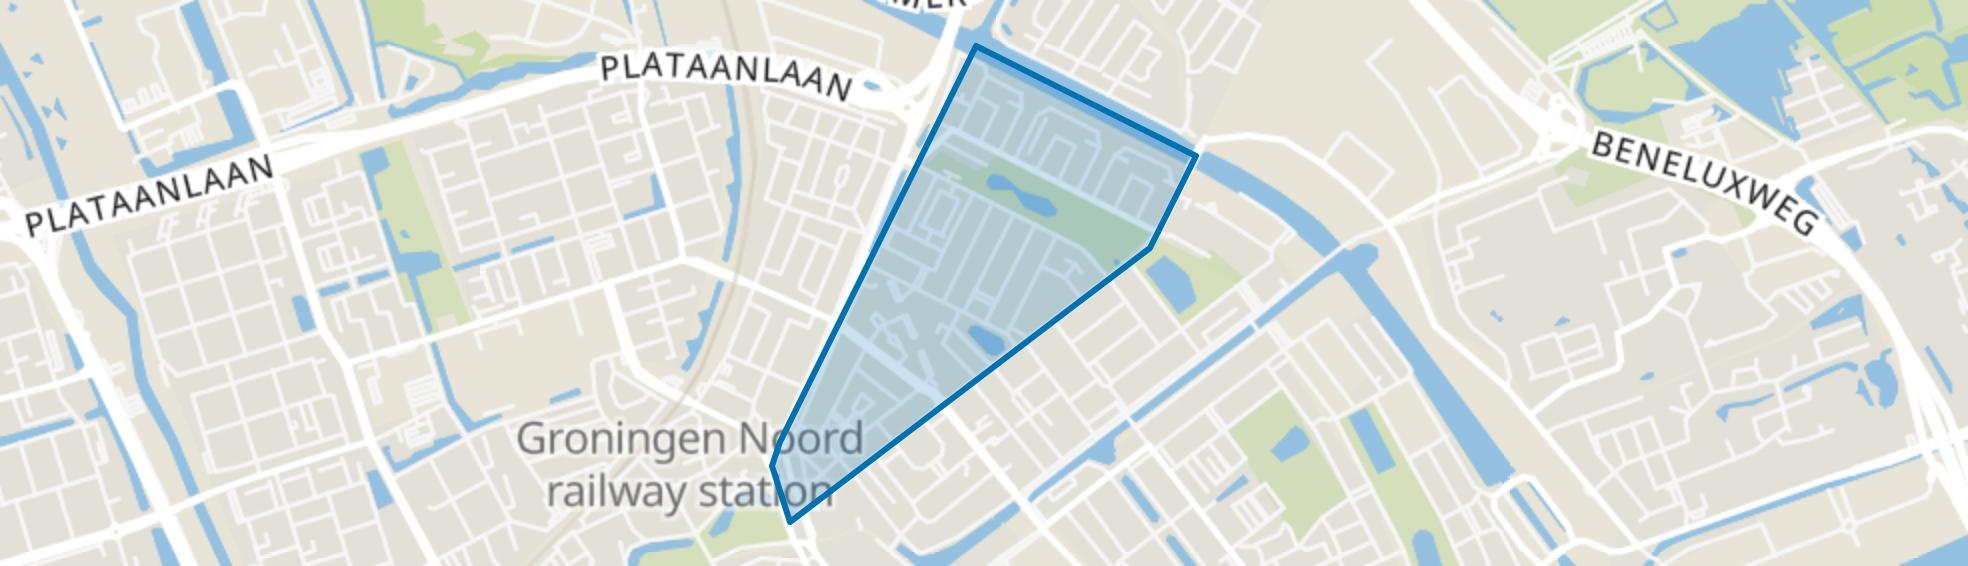 Indische buurt, Groningen map